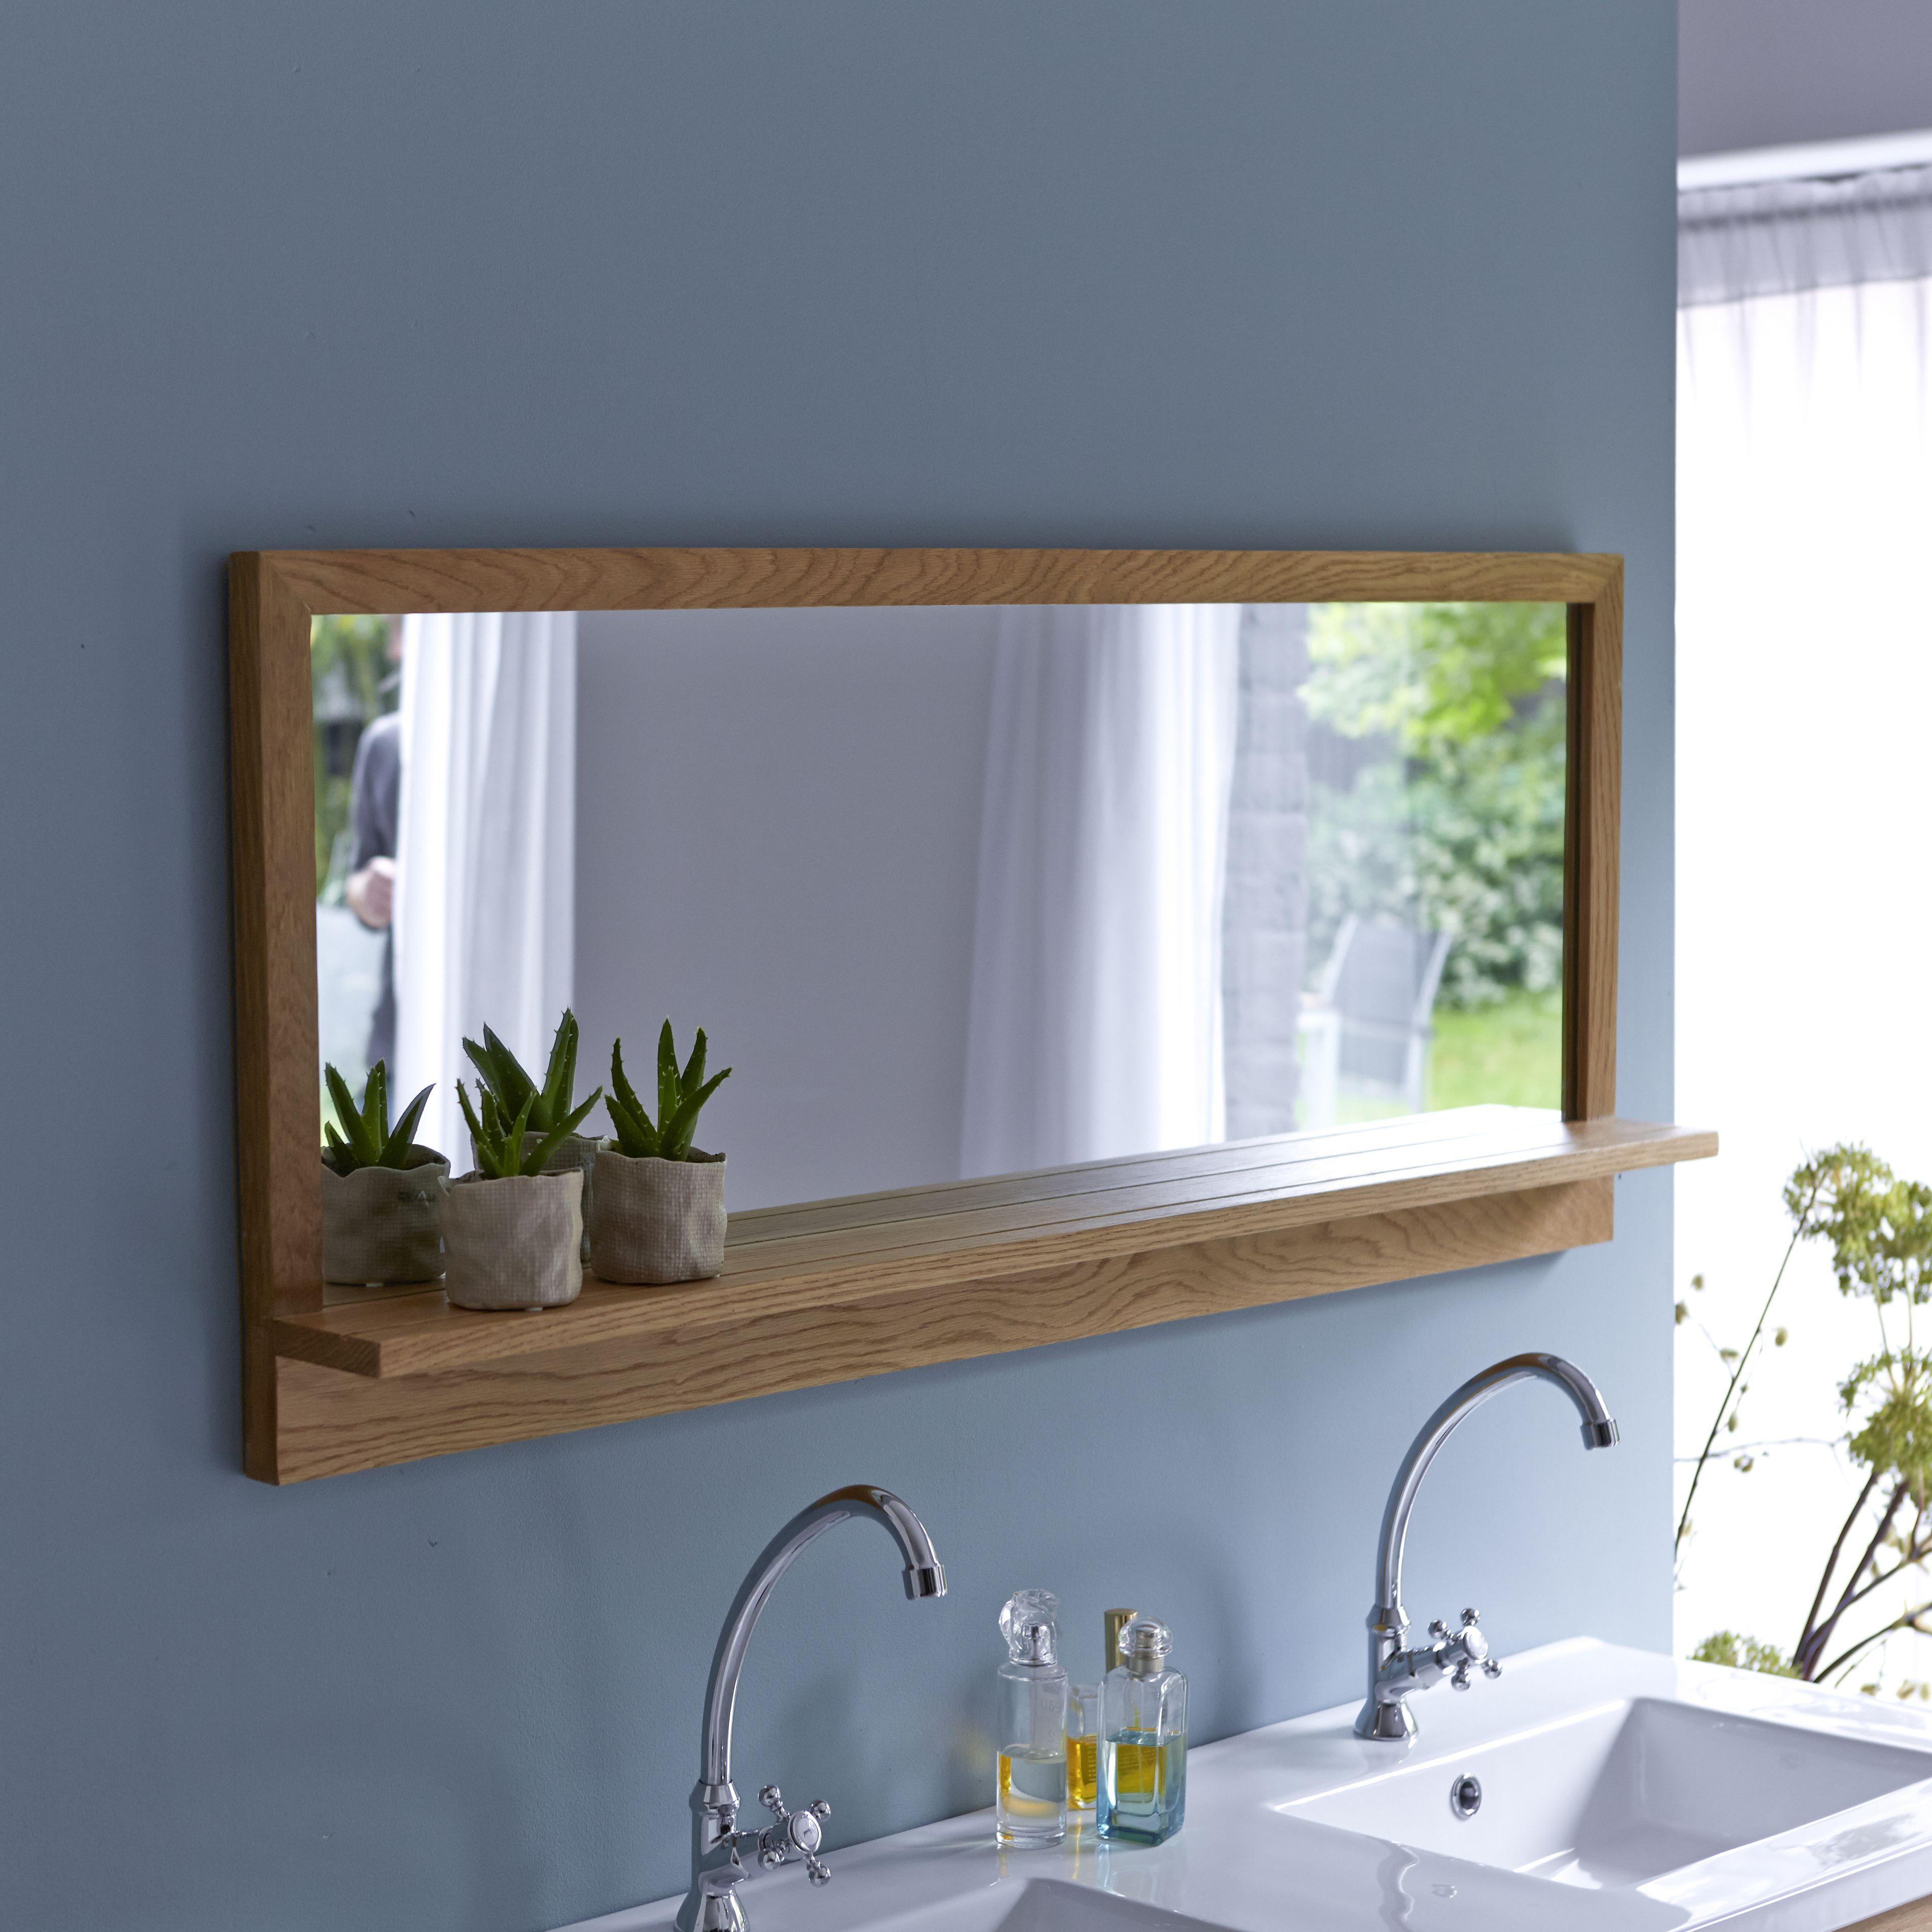 Bathroom Mirror Frame, Oak Framed Bathroom Mirror With Shelf